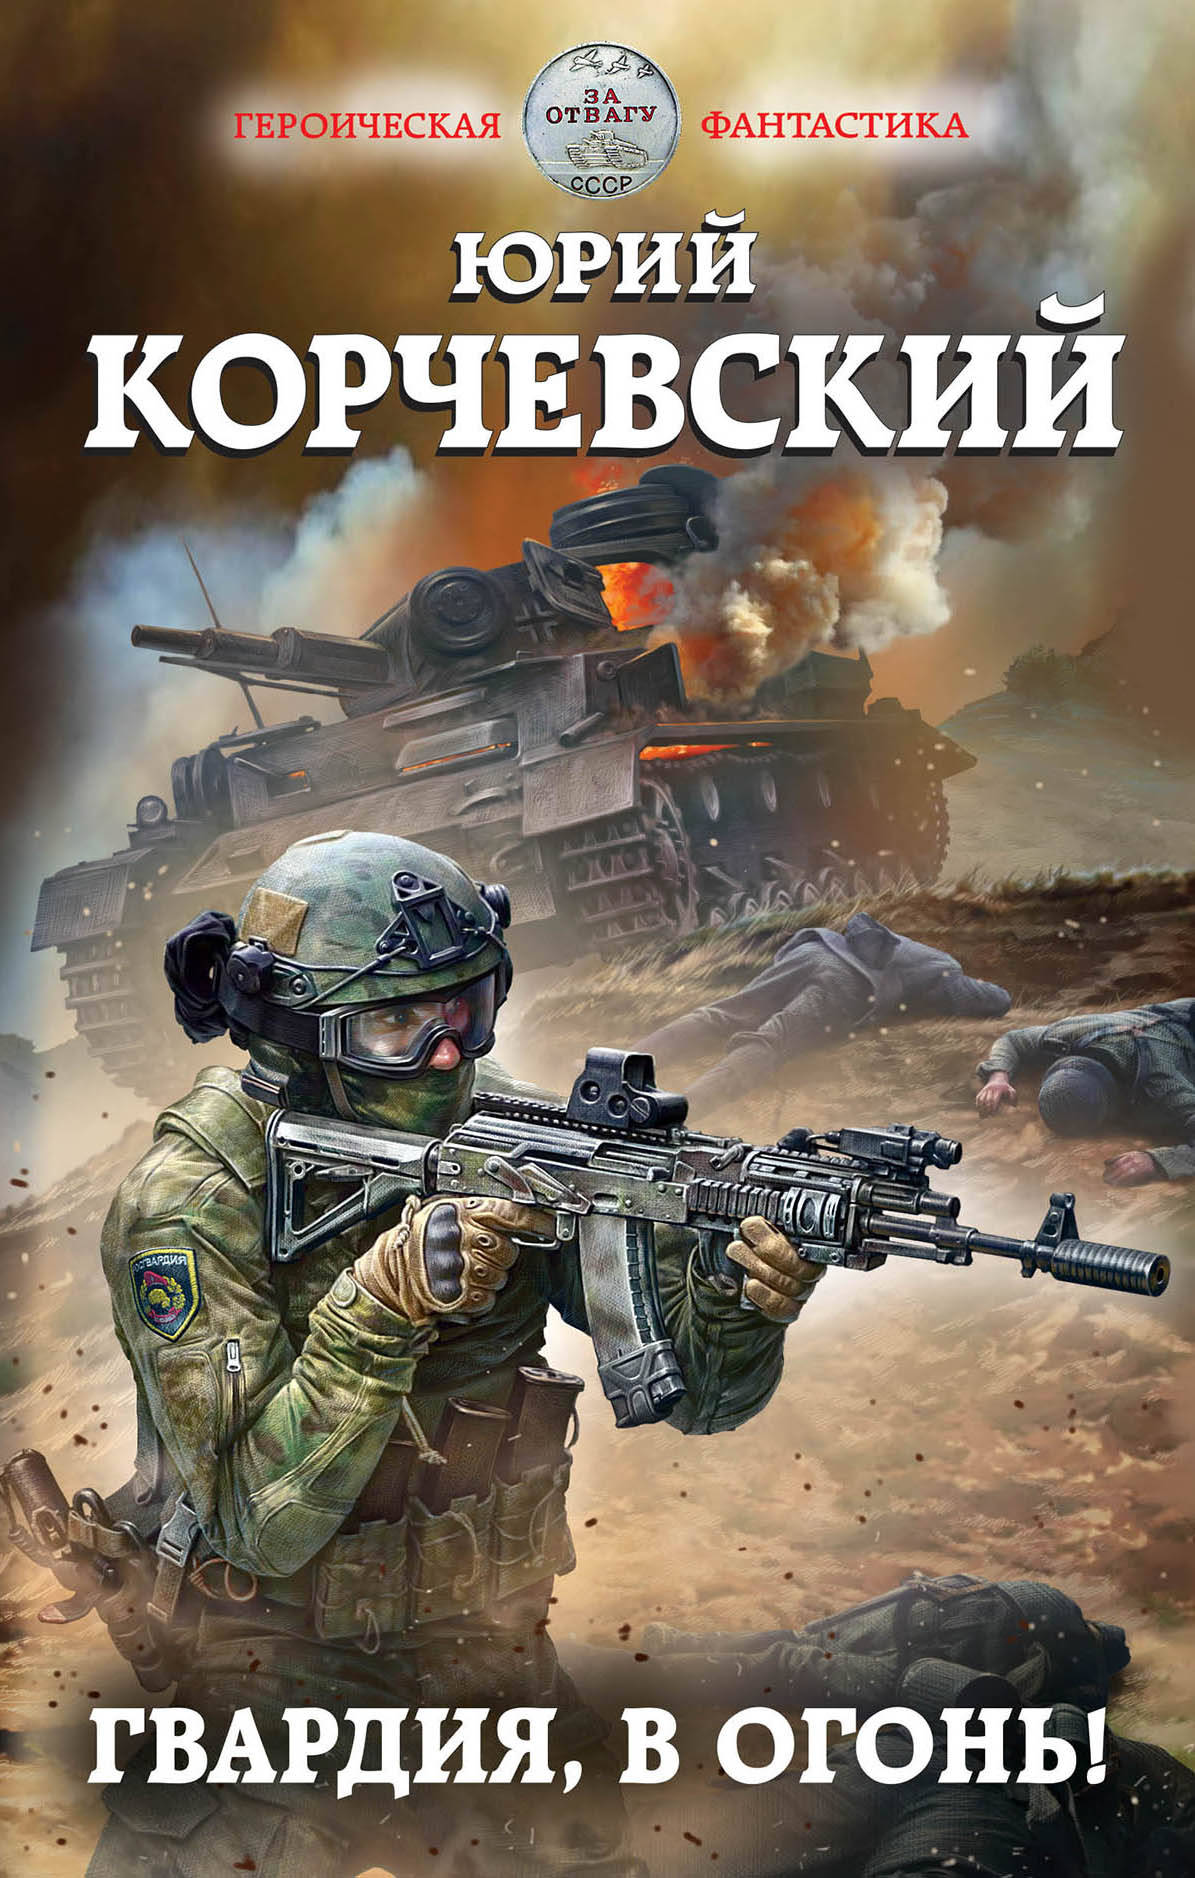 Гвардия, в огонь! савицкий г танковые засады бронебойным огонь